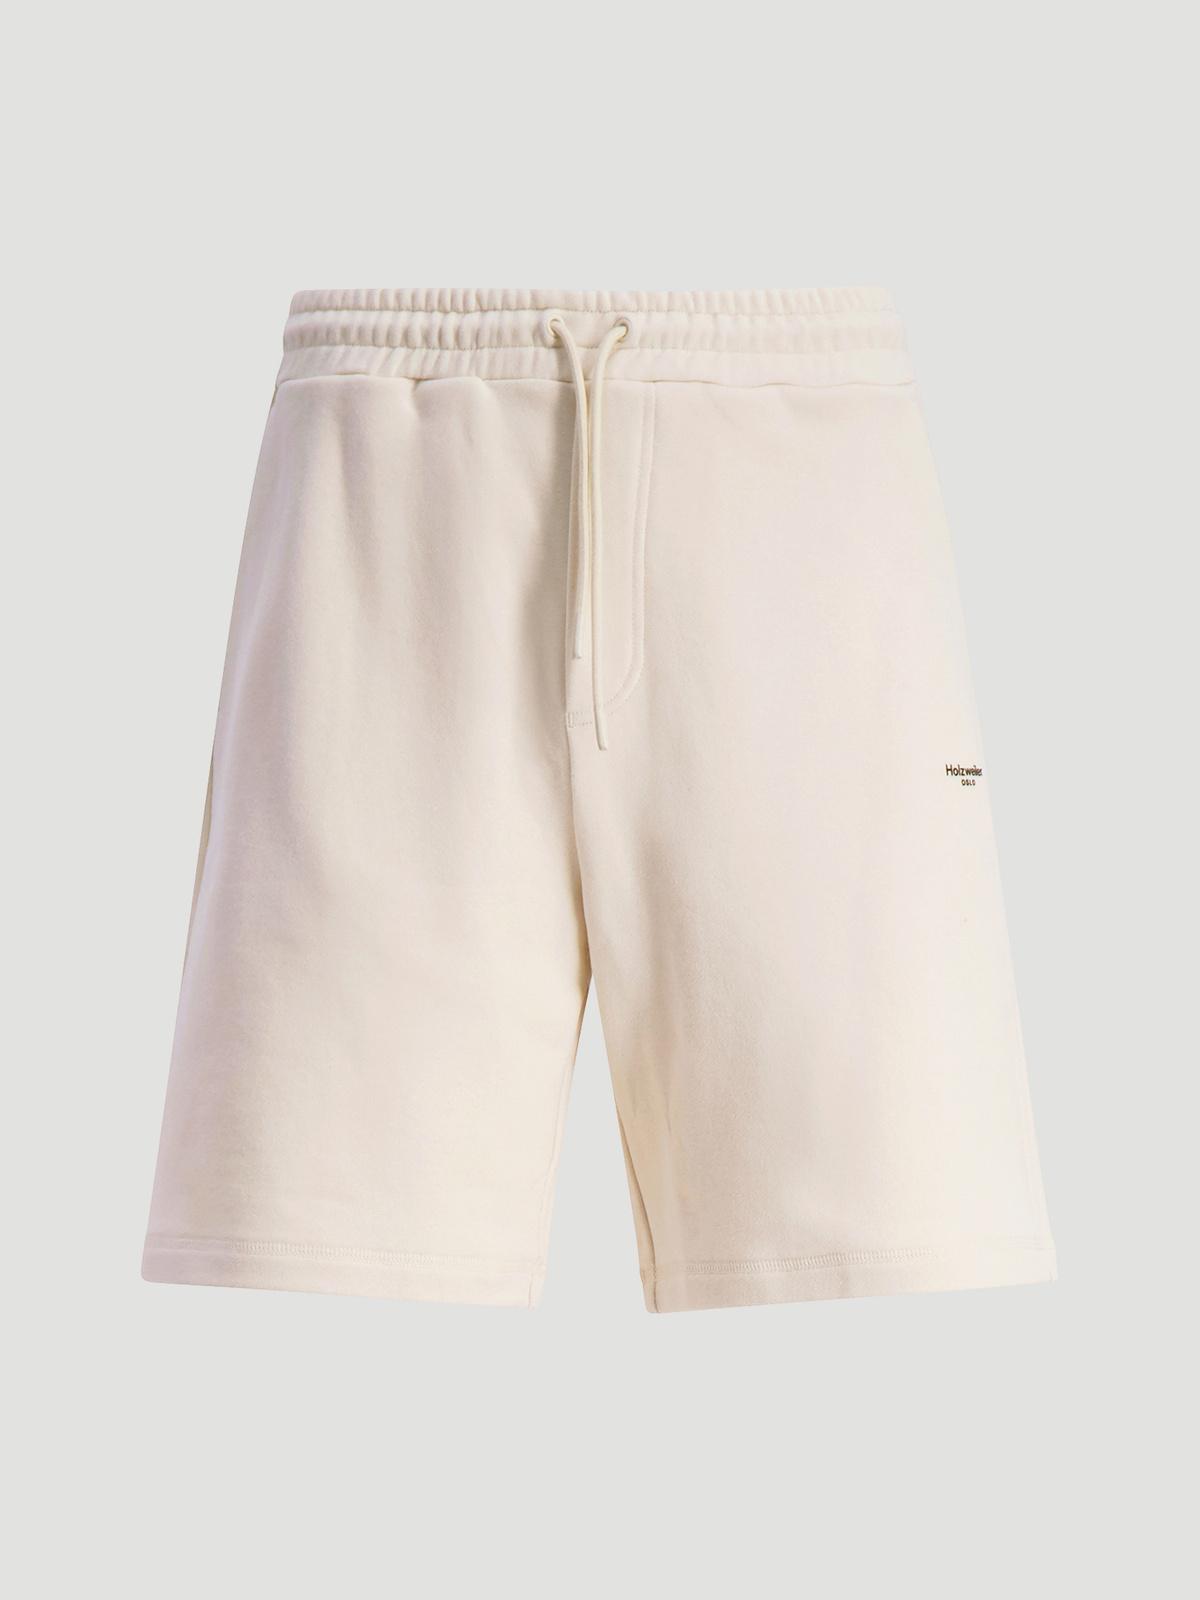 M. Oslo Shorts Ecru 5